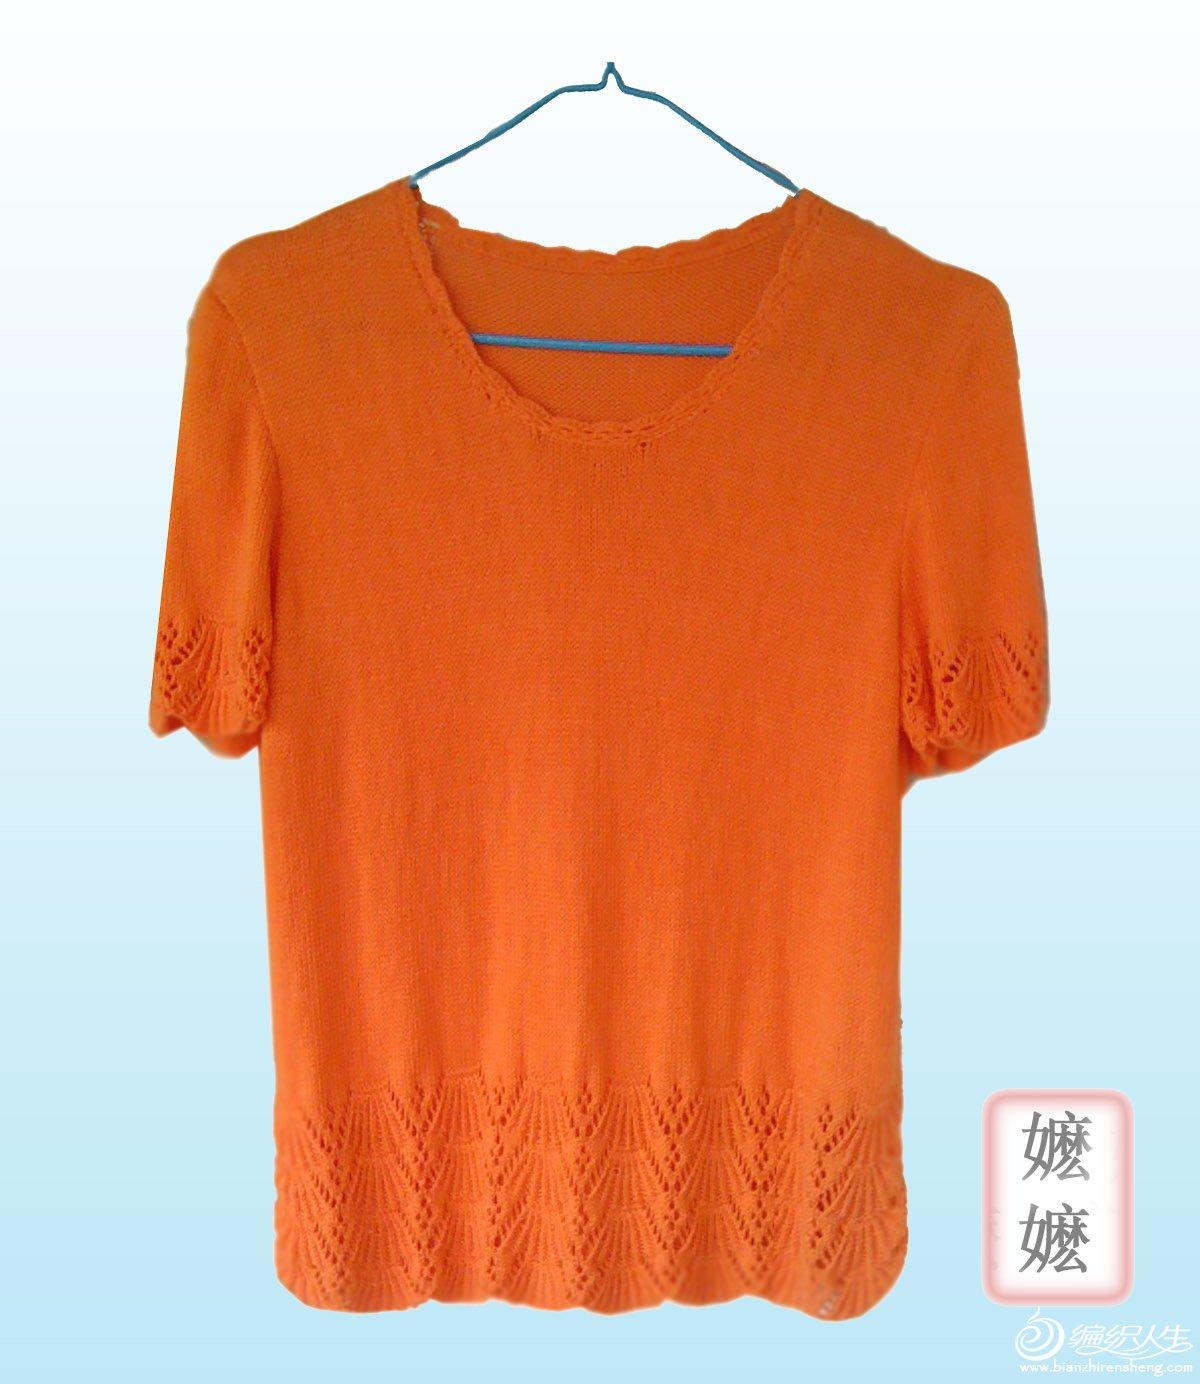 橘色扇形边短袖.jpg